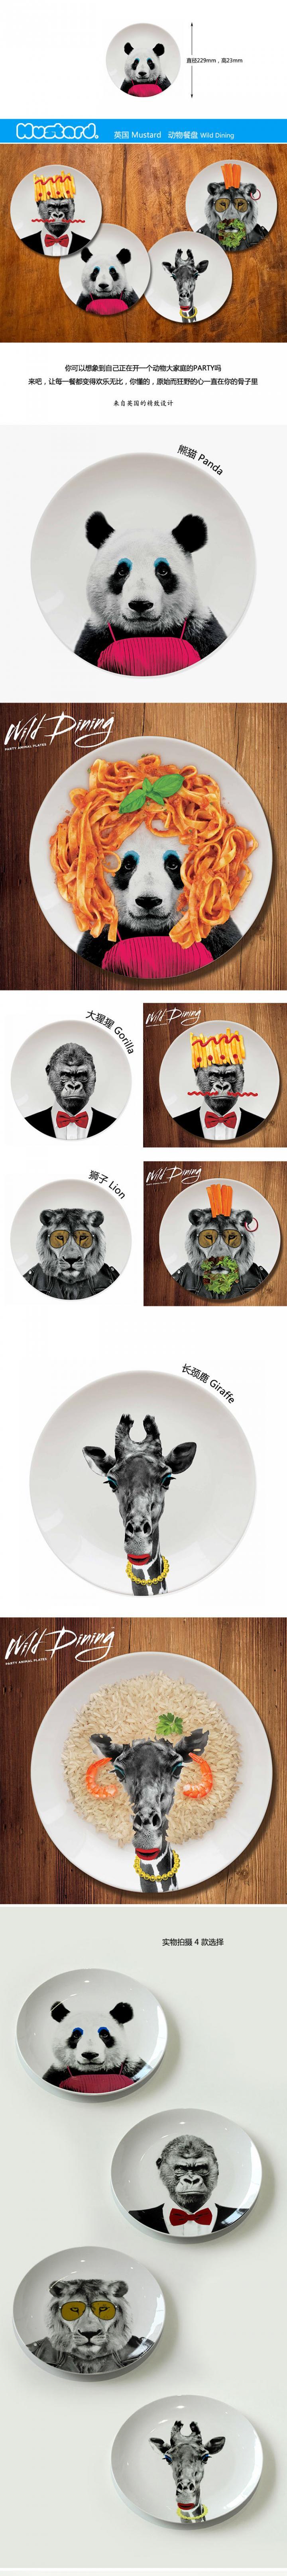 创意陶瓷动物盘子